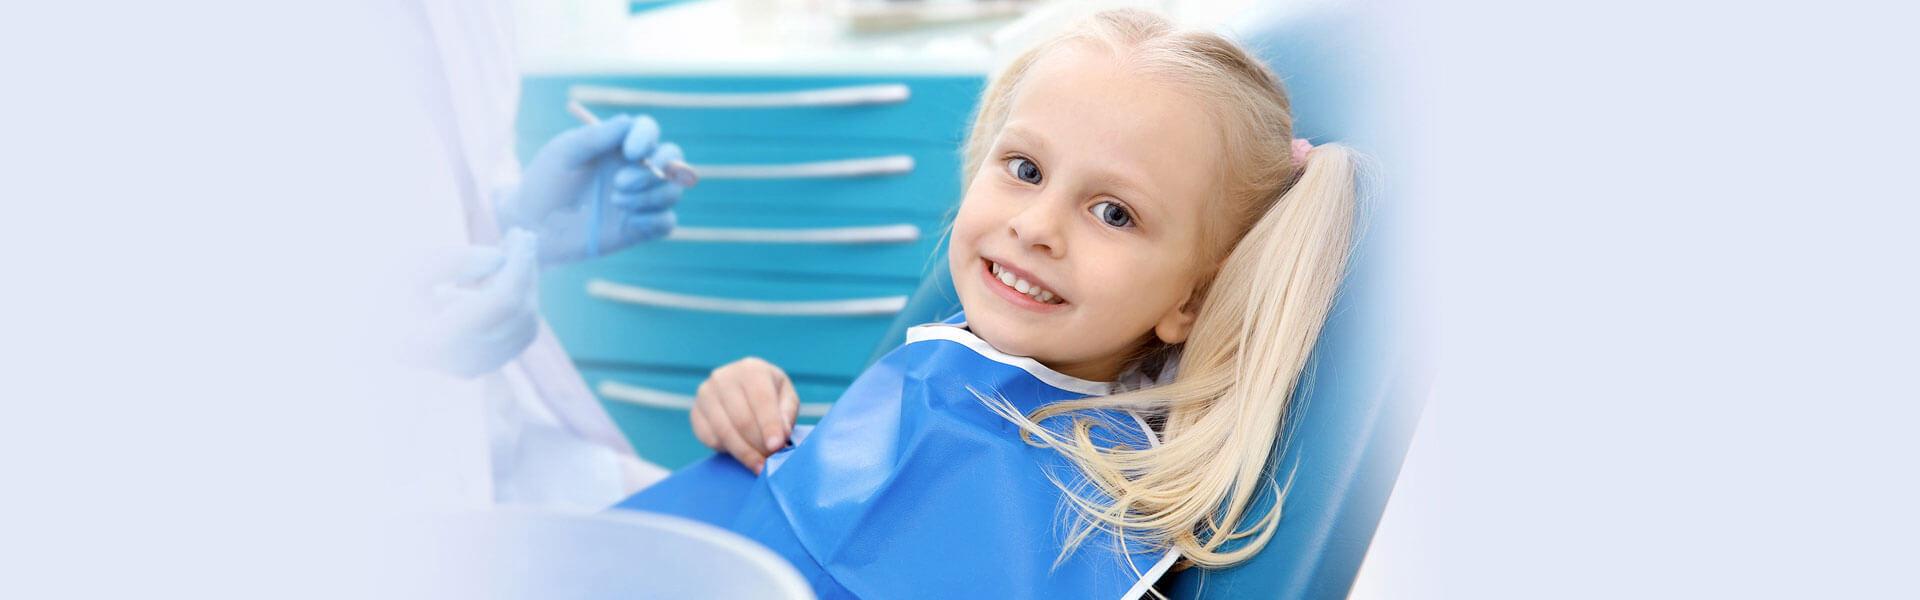 Benefits Of Preschool For Children